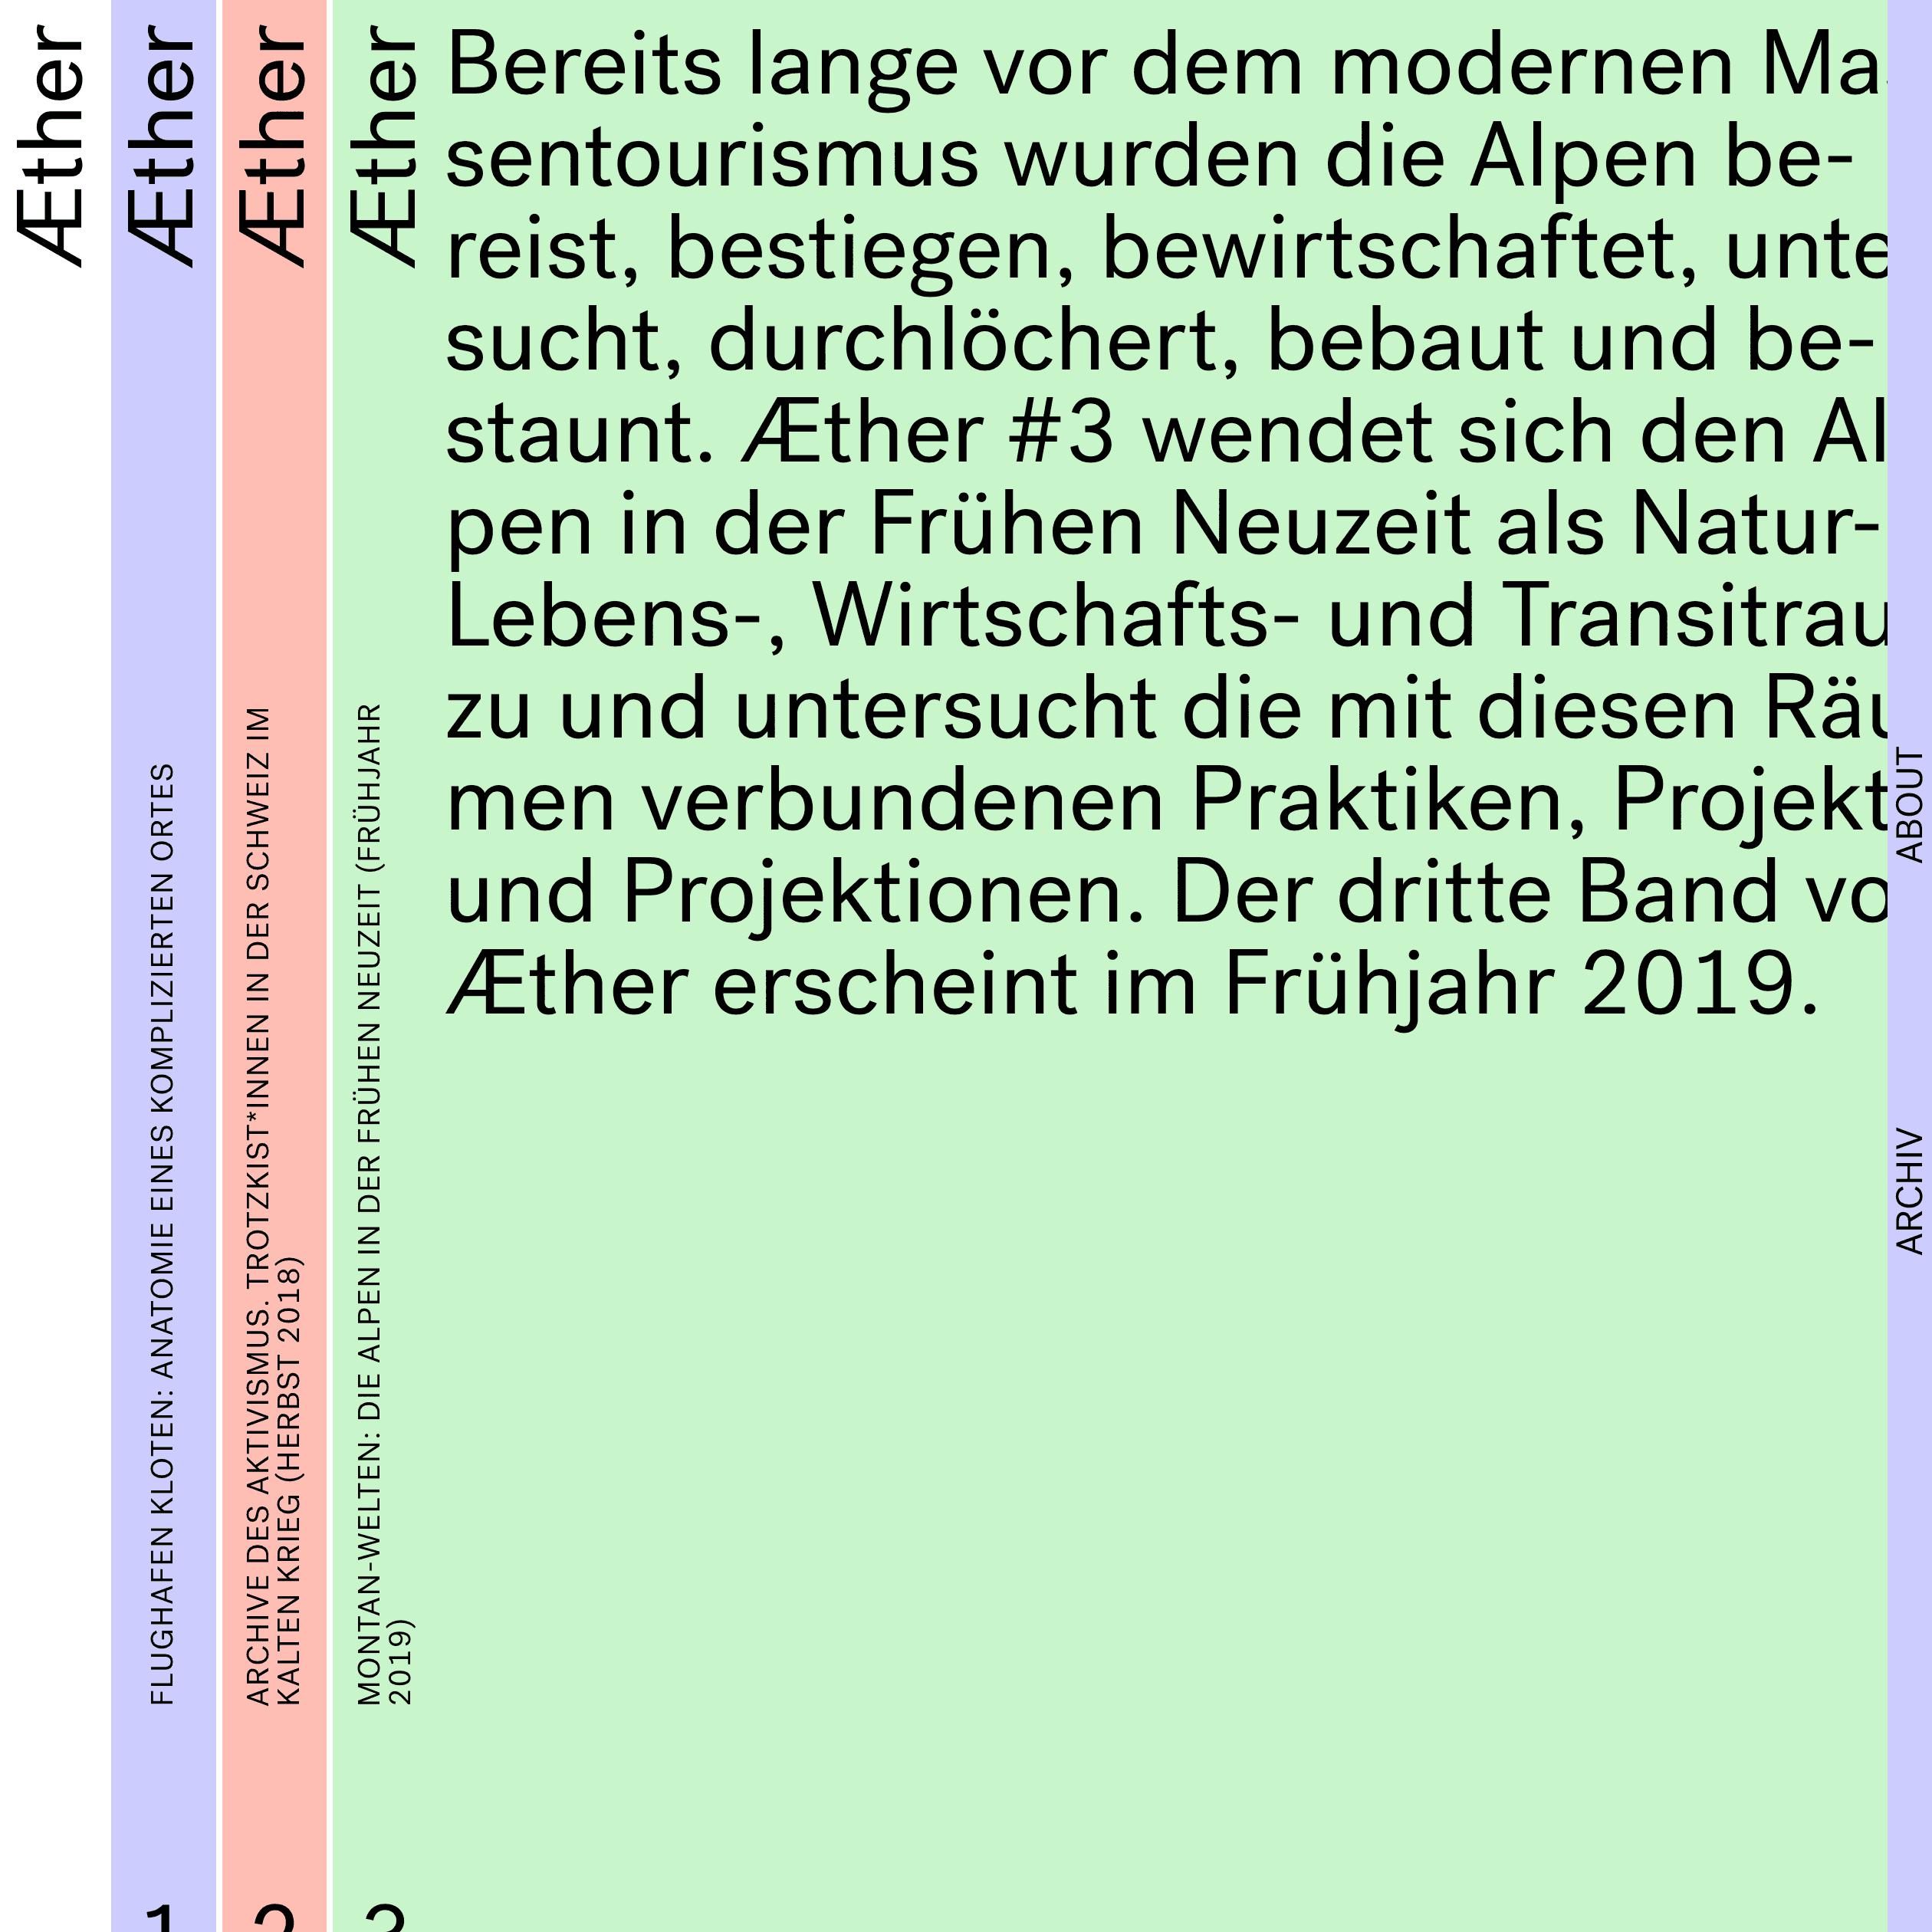 Charmant Anatomie Der Sucht Galerie - Physiologie Von Menschlichen ...